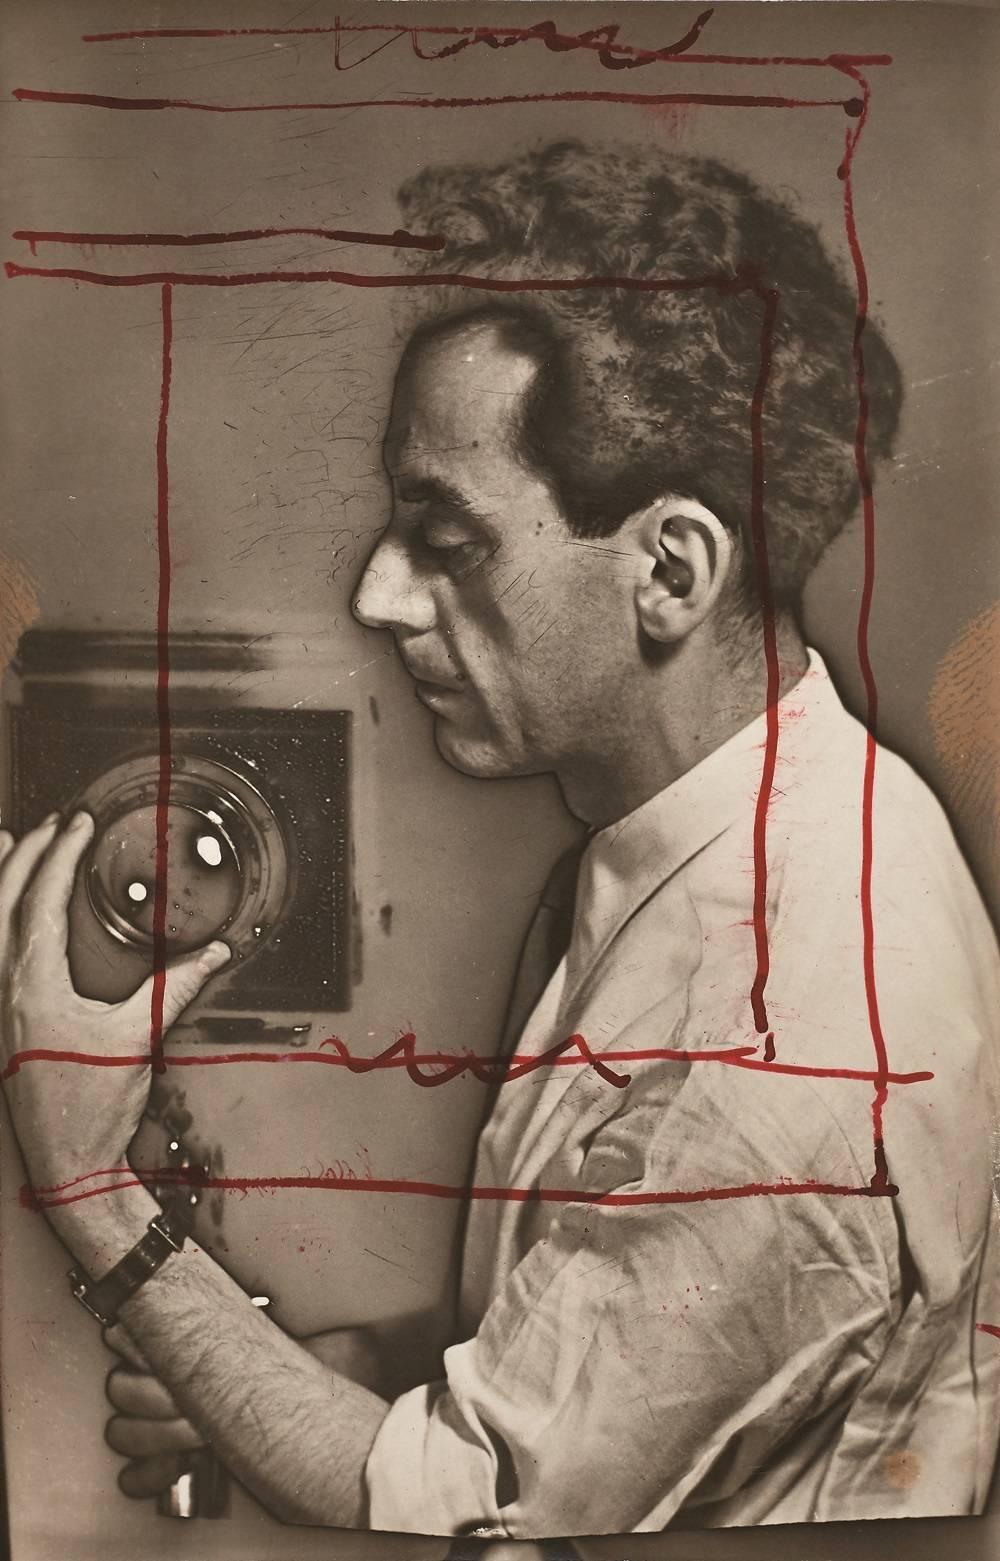 Autorretrato que destaca o trabalho de manipulação de fotografia.